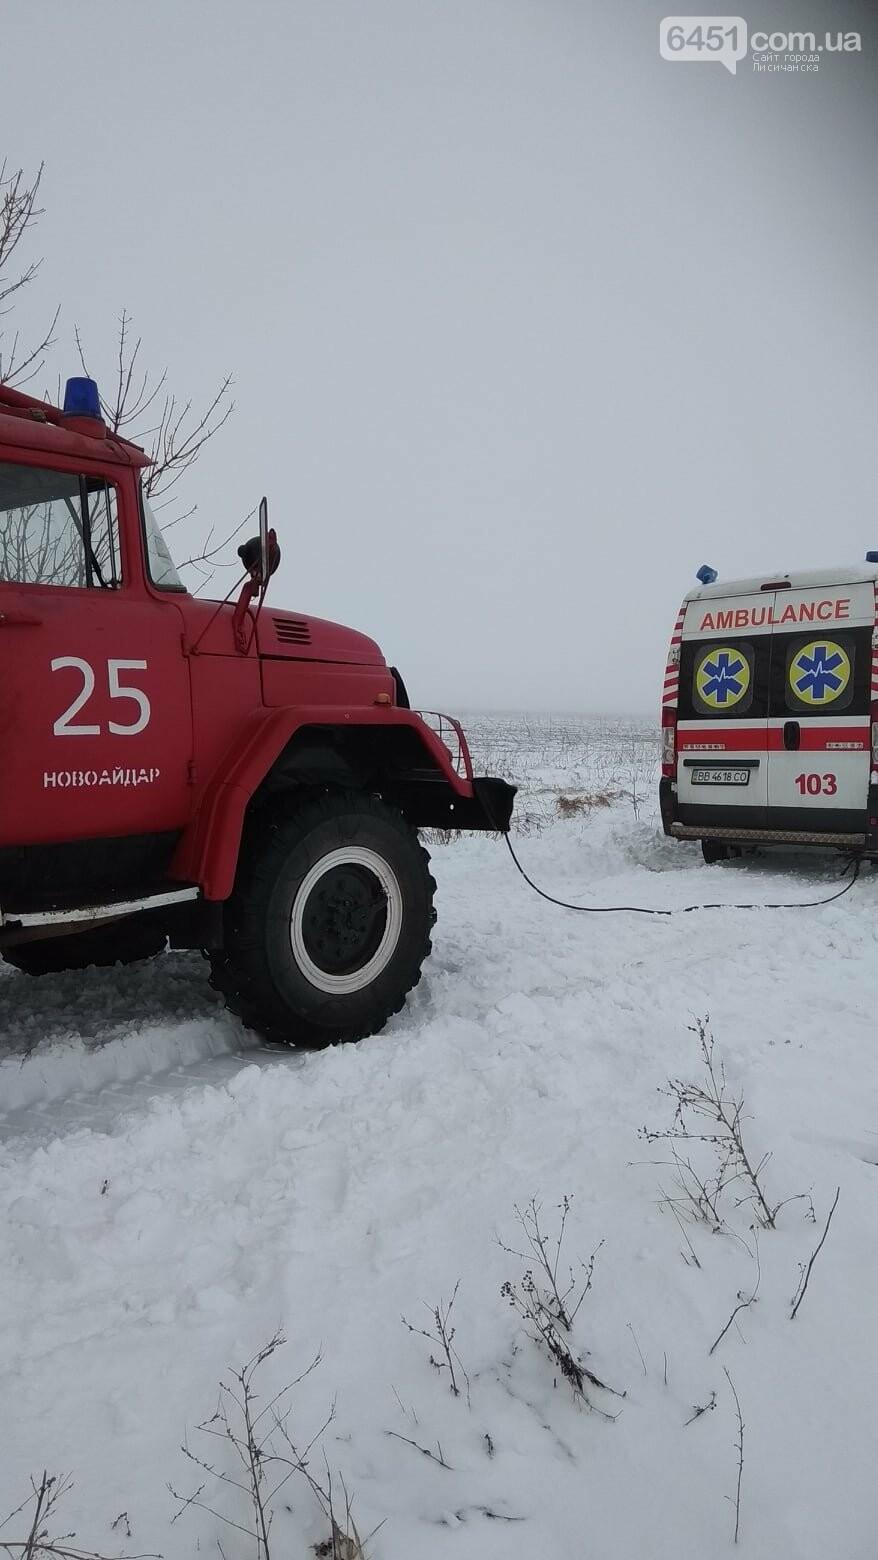 В Новоайдарском районе спасатели вытаскивали застрявшую в снегу скорую помощь, фото-2